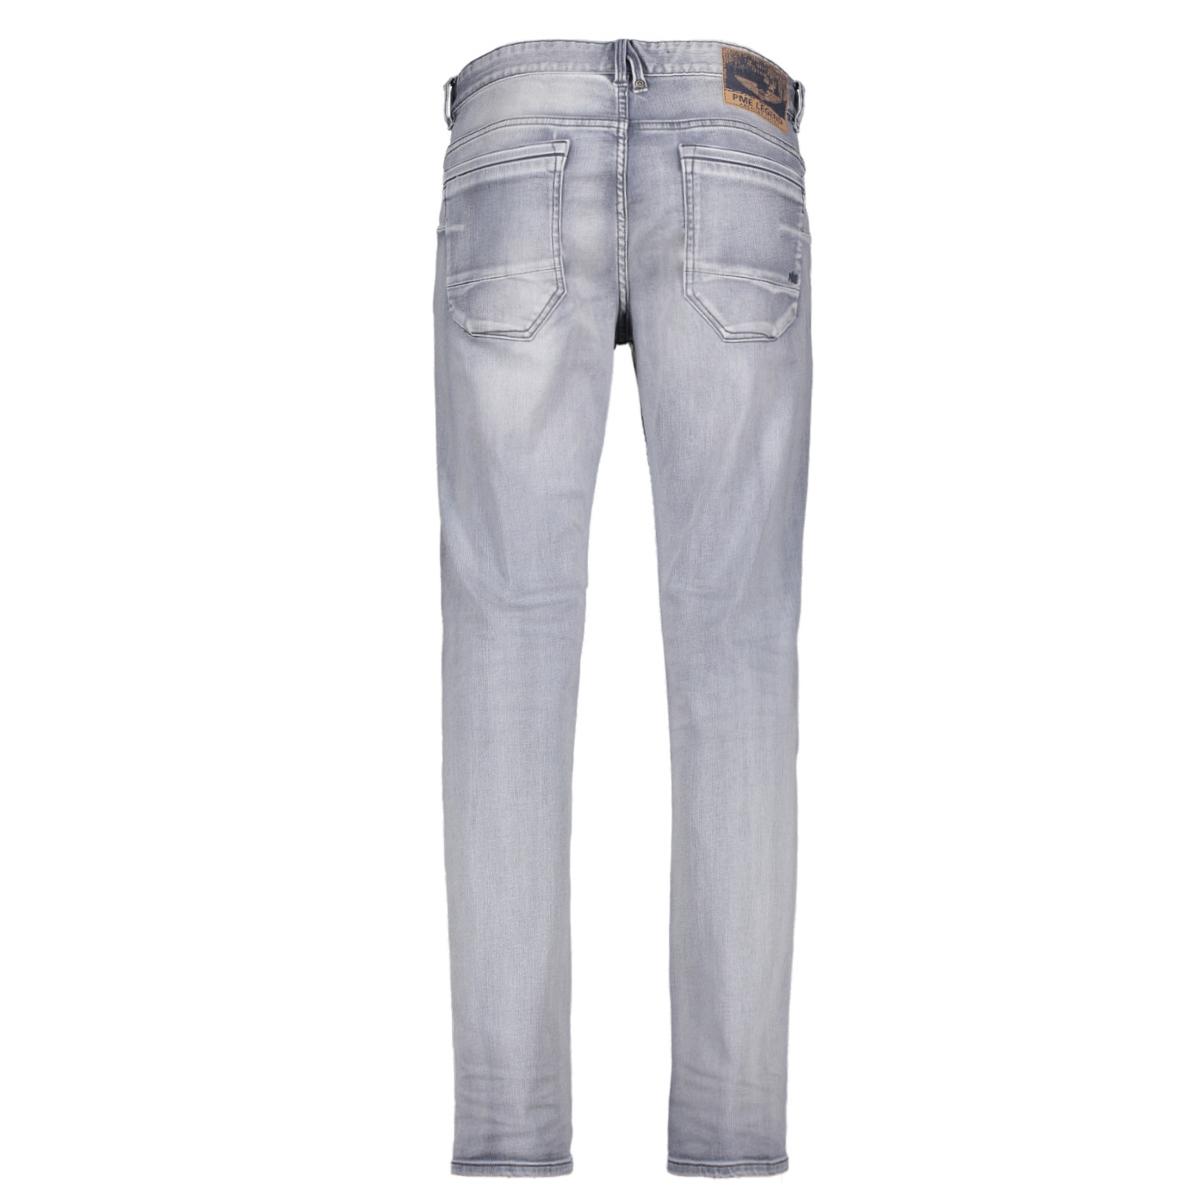 nightflight ptr120 pme legend jeans bog